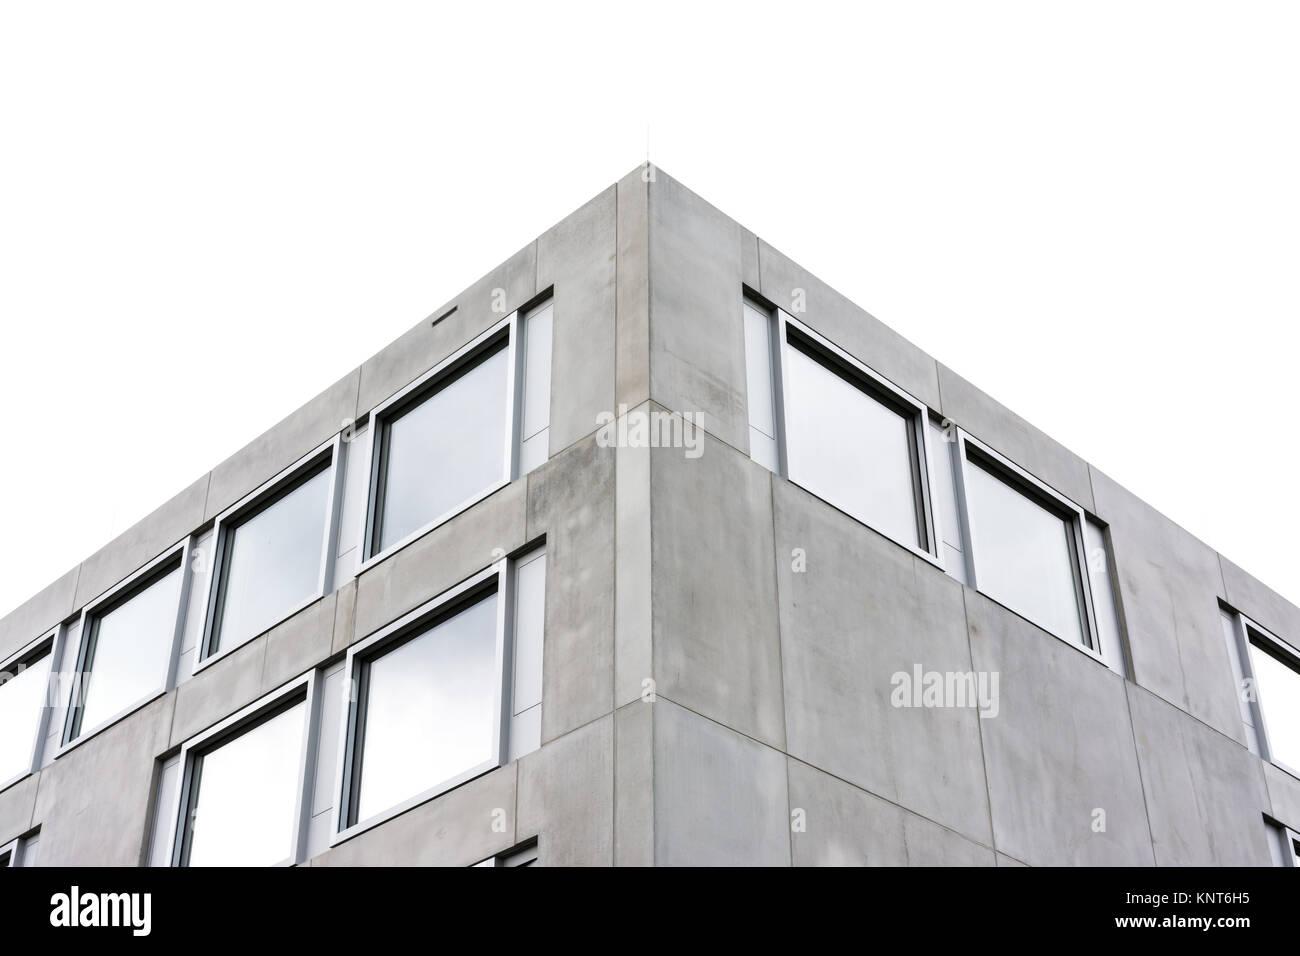 Larchitecture contemporaine symétrique carré béton construction